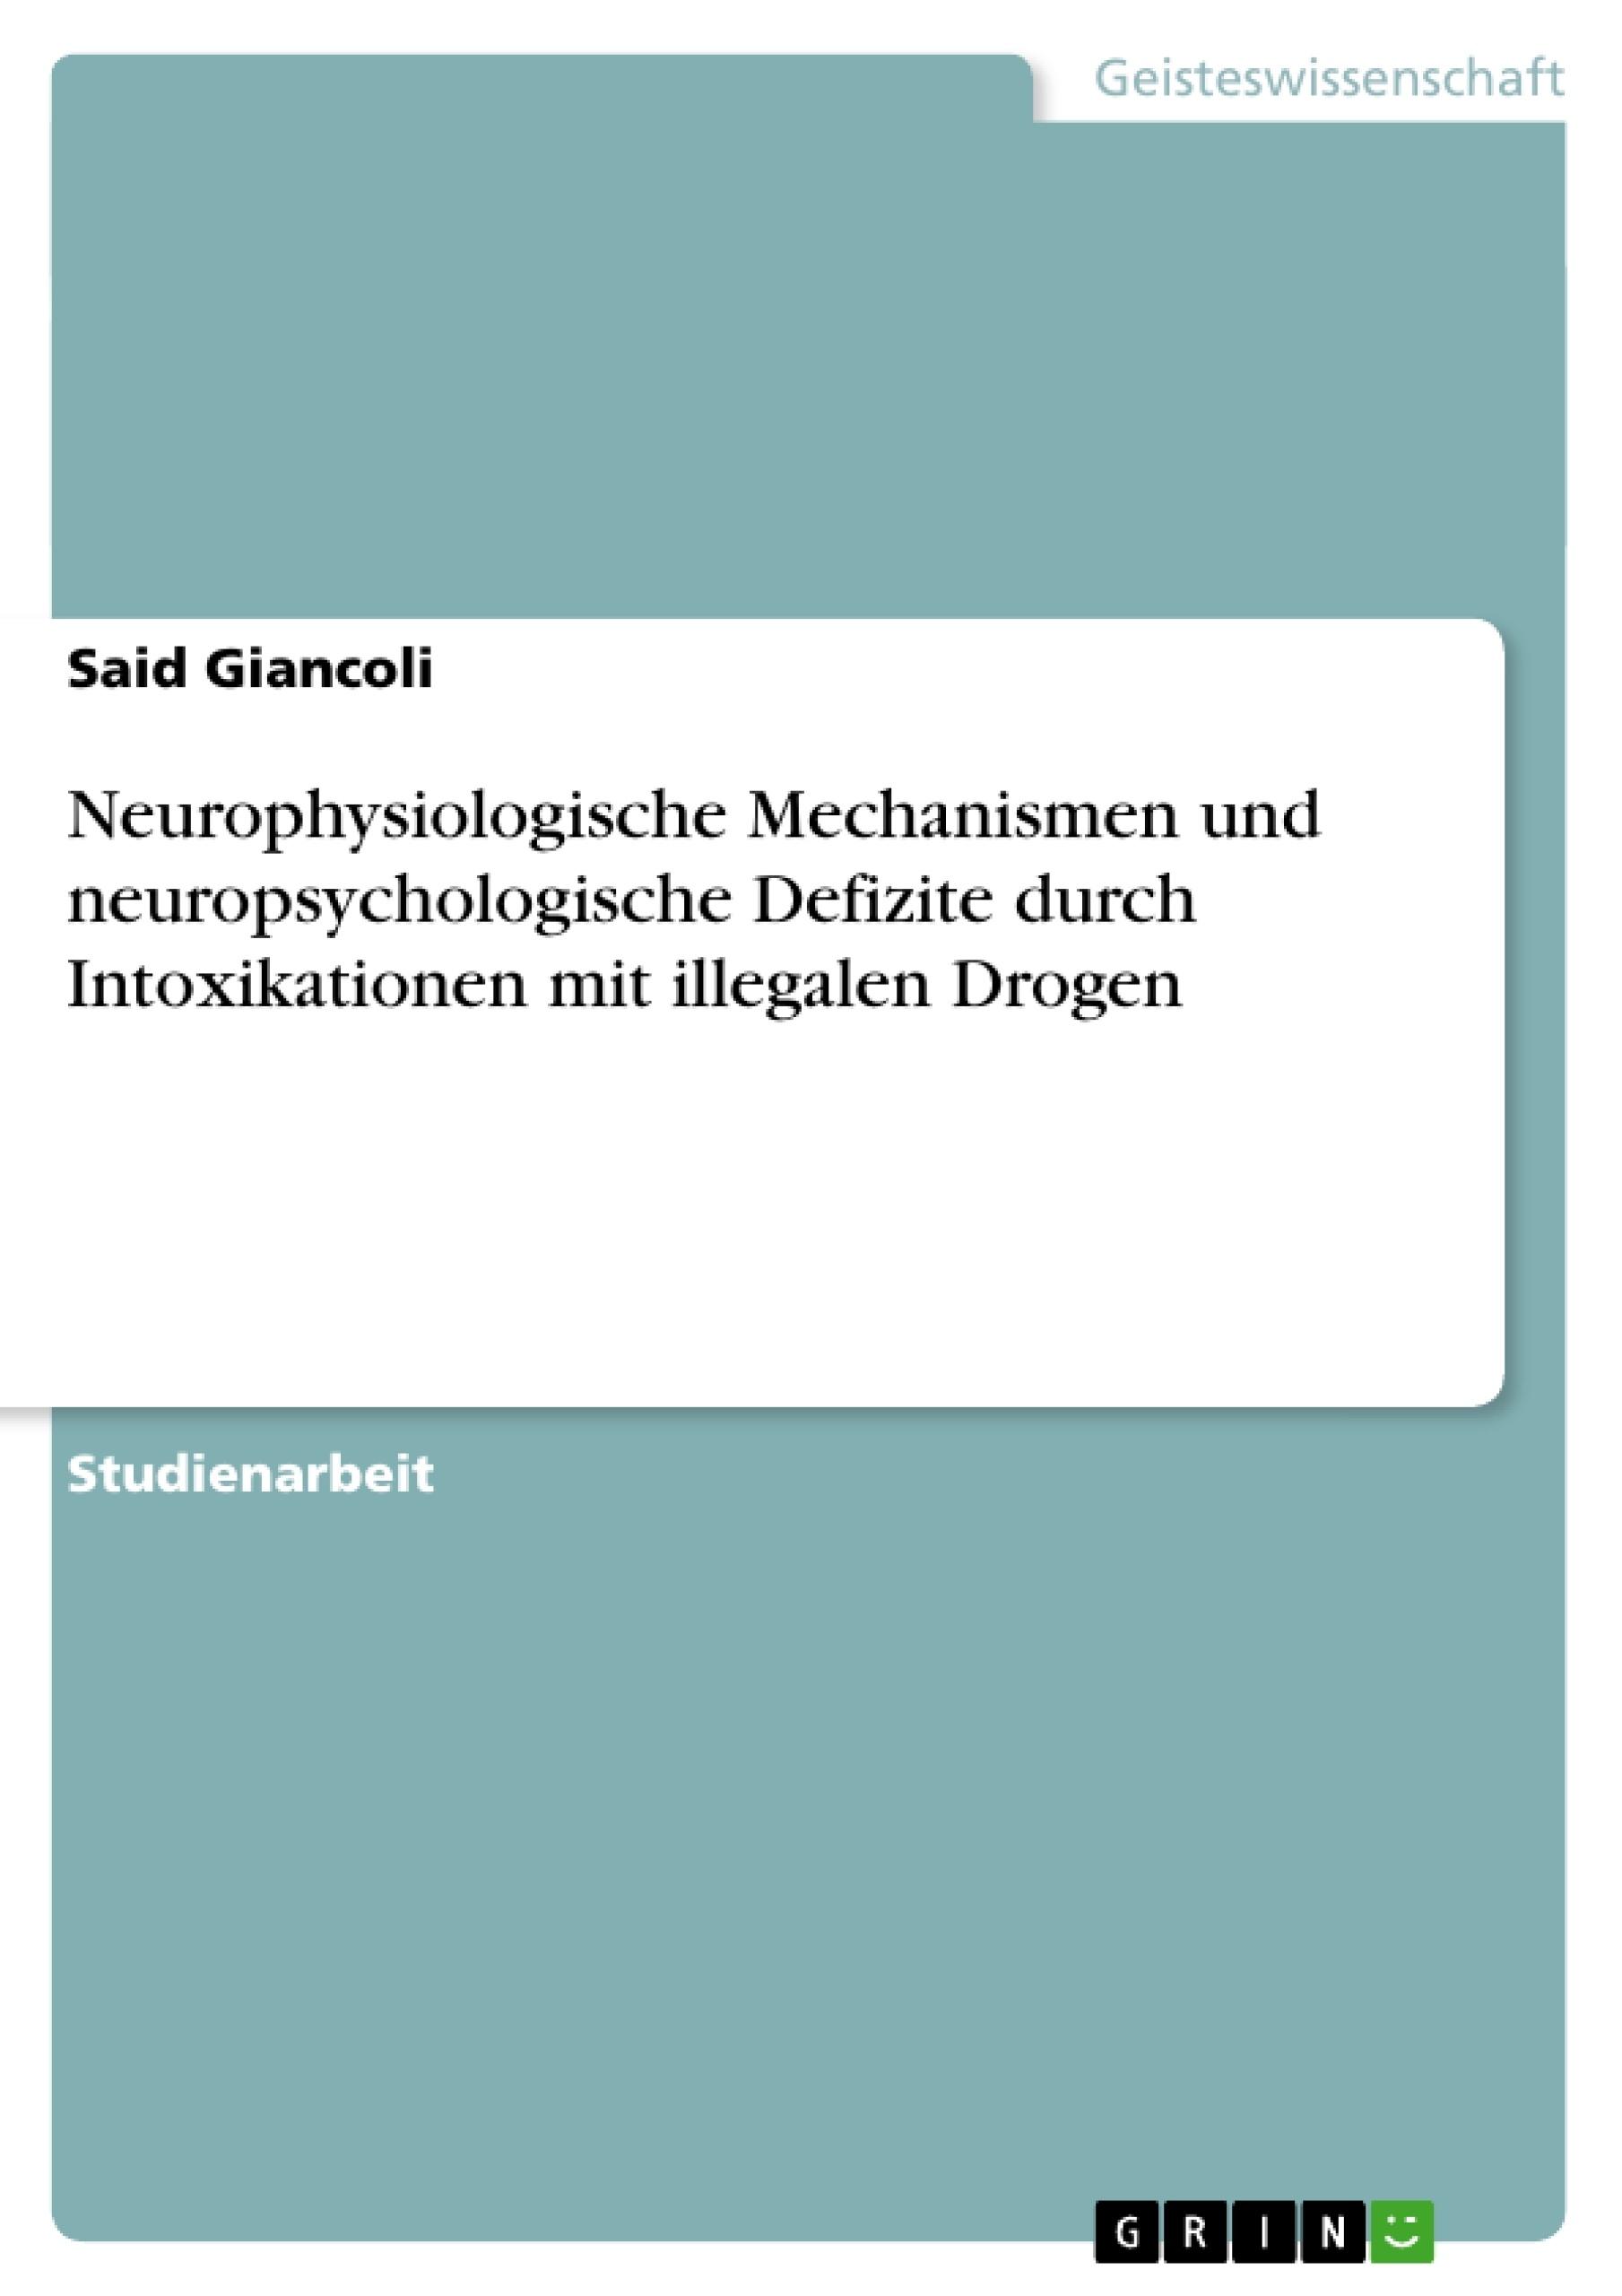 Titel: Neurophysiologische Mechanismen und  neuropsychologische Defizite durch Intoxikationen mit illegalen Drogen